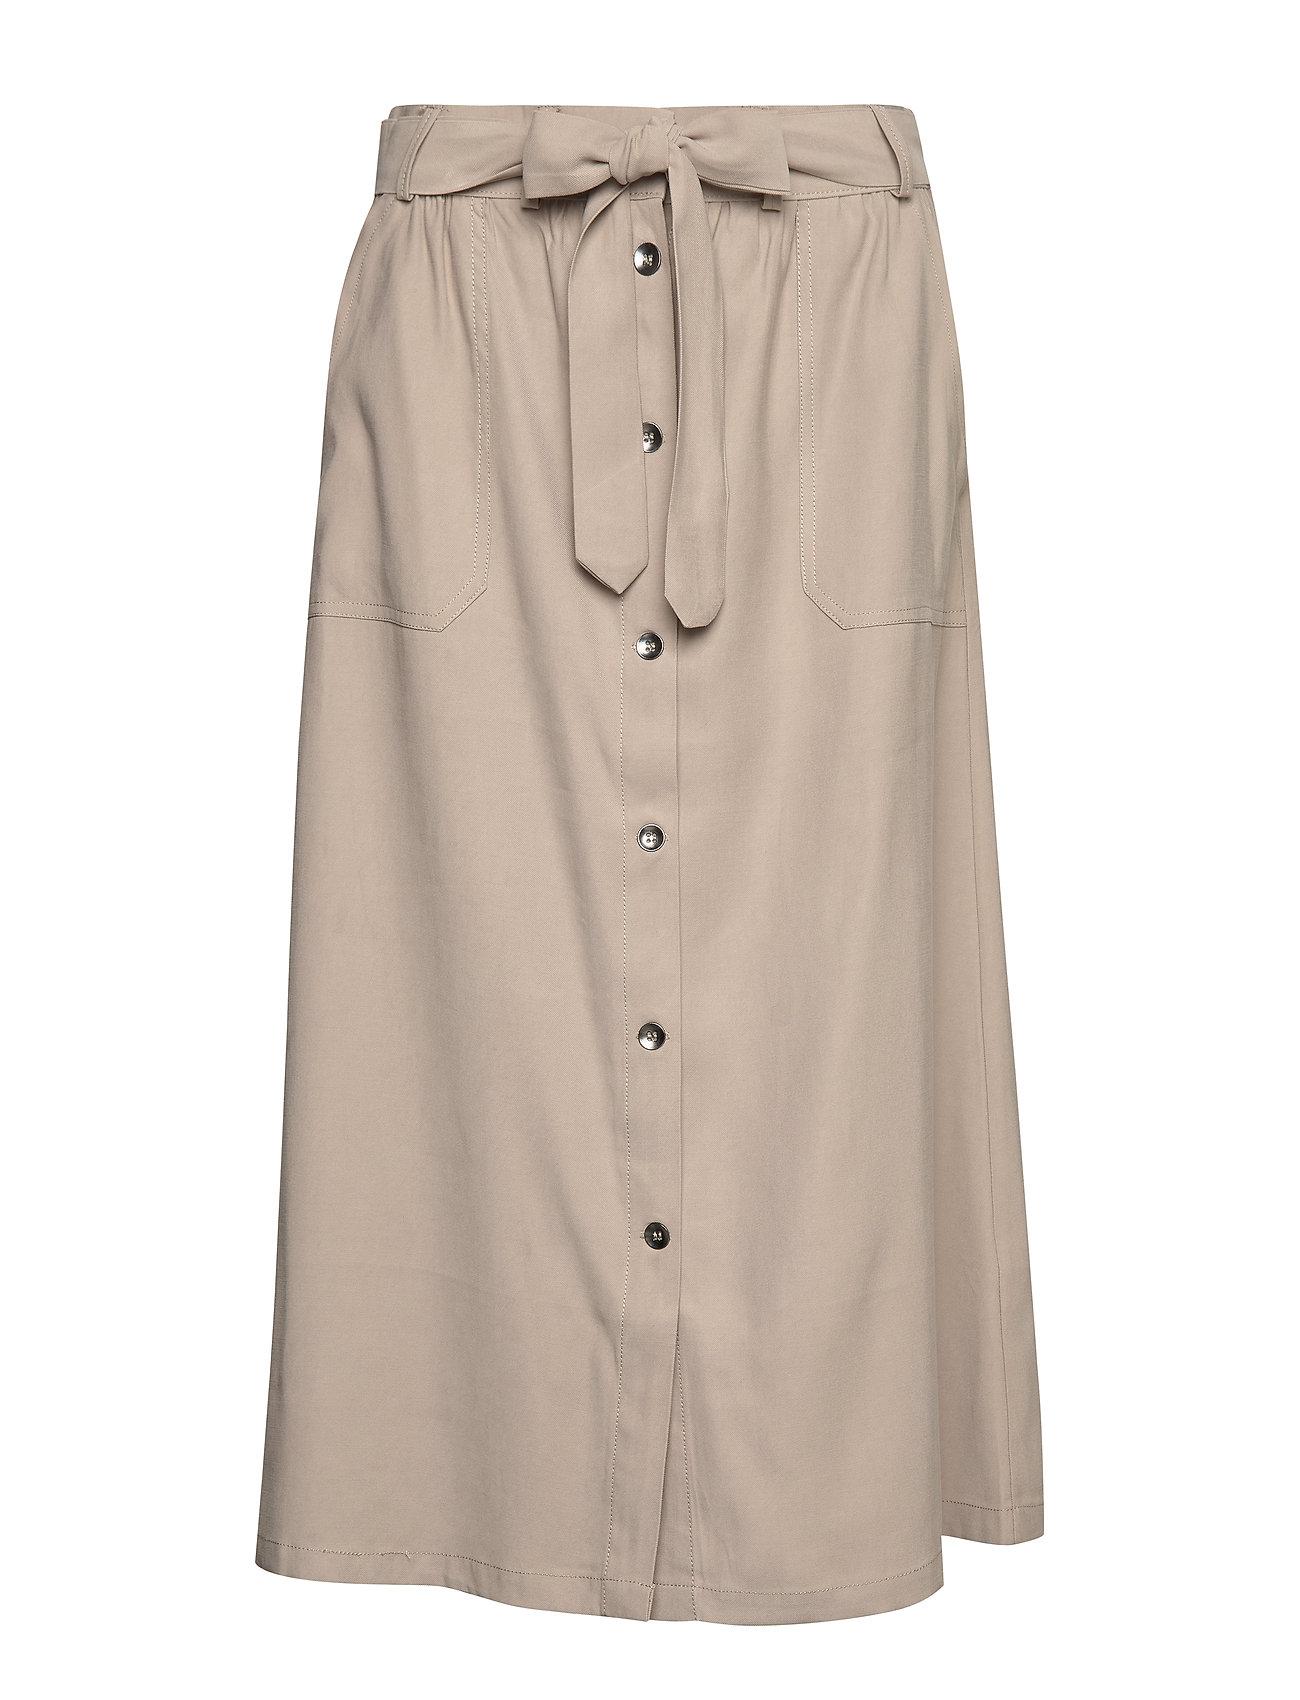 Fransa FRIPJUMP 3 Skirt - STRING